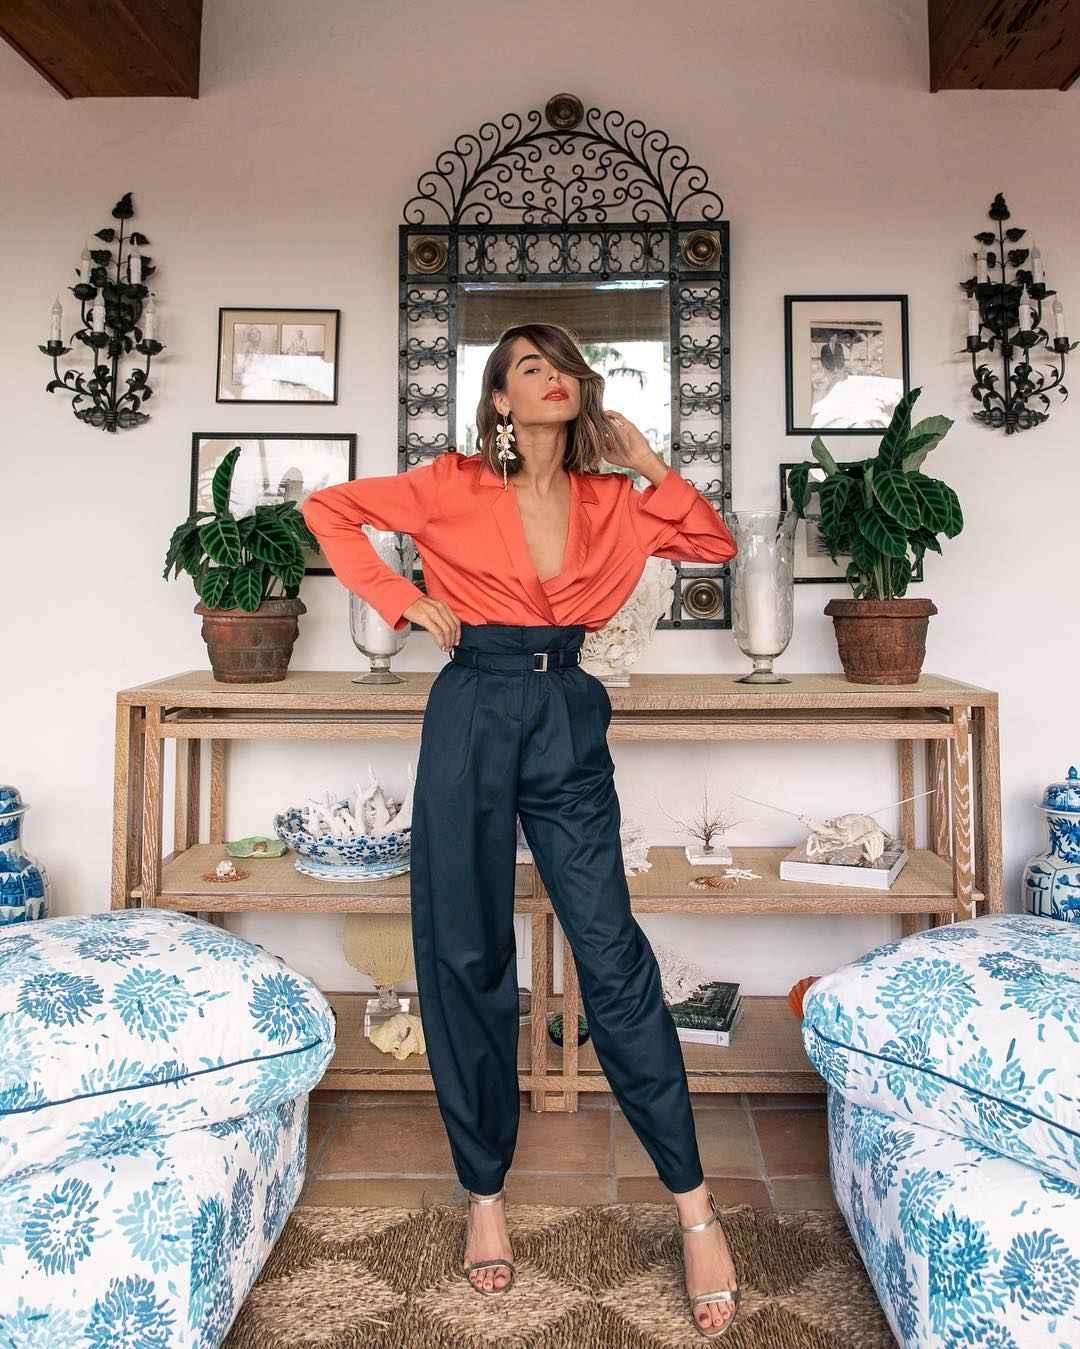 Модный офисный стиль 2019-2020 с брюками фото идеи_20